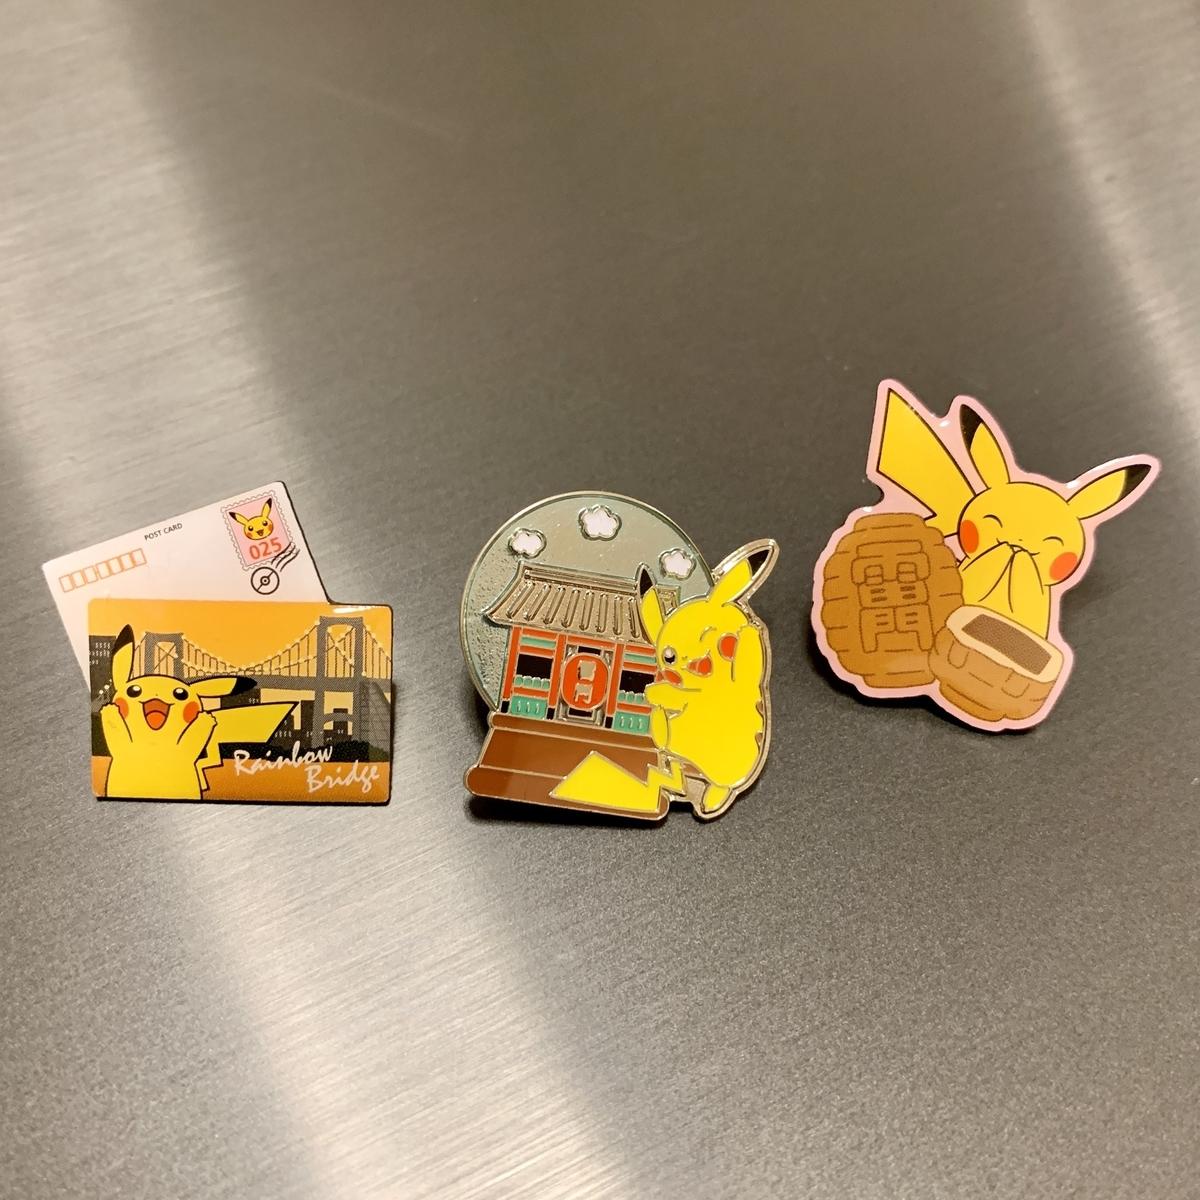 f:id:pikachu_pcn:20200605202847j:plain